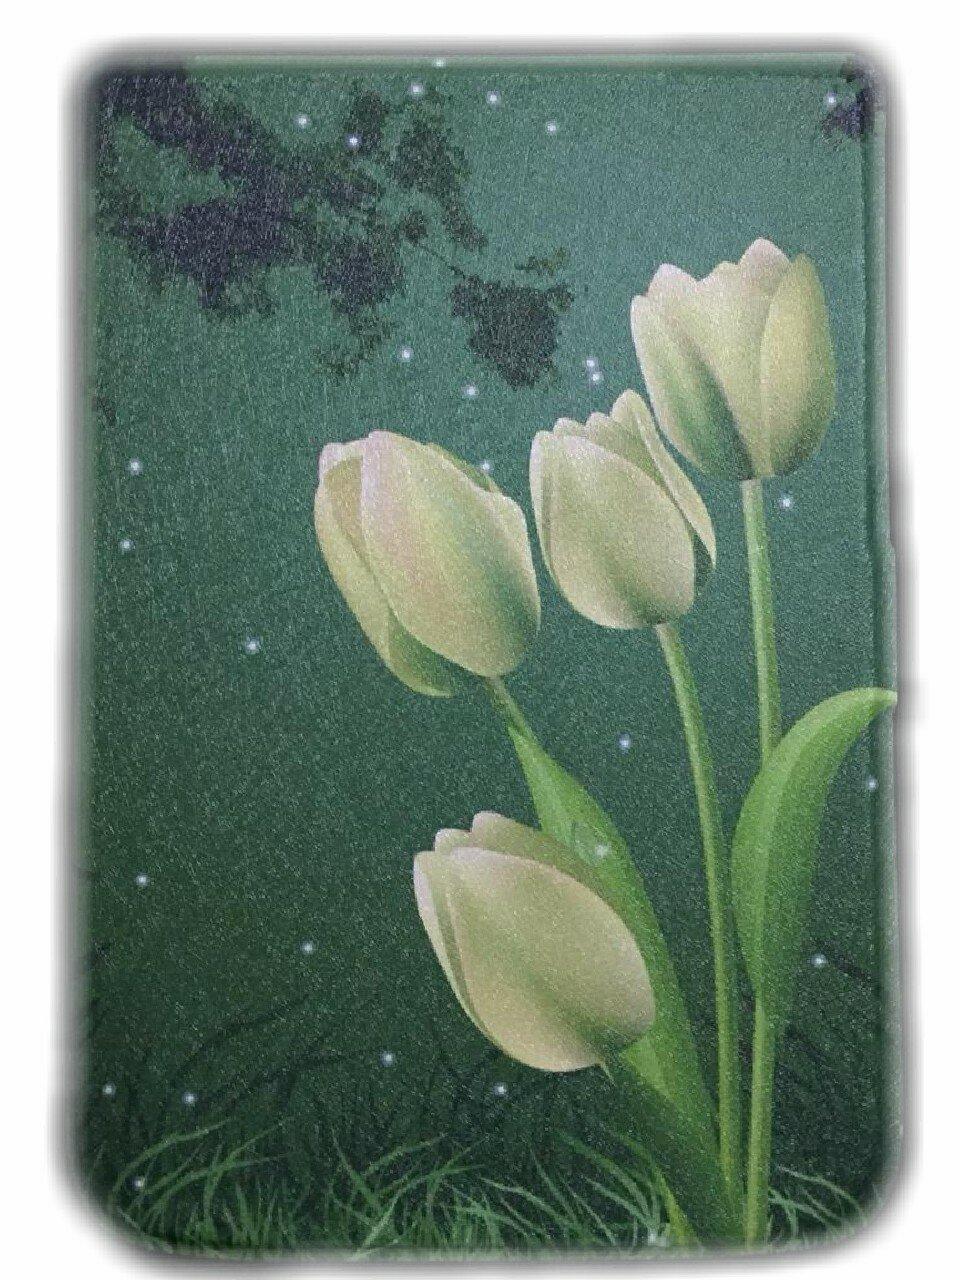 Чехол для электронной книги 6'' Pocketbook 616/627/632 Тюльпаны